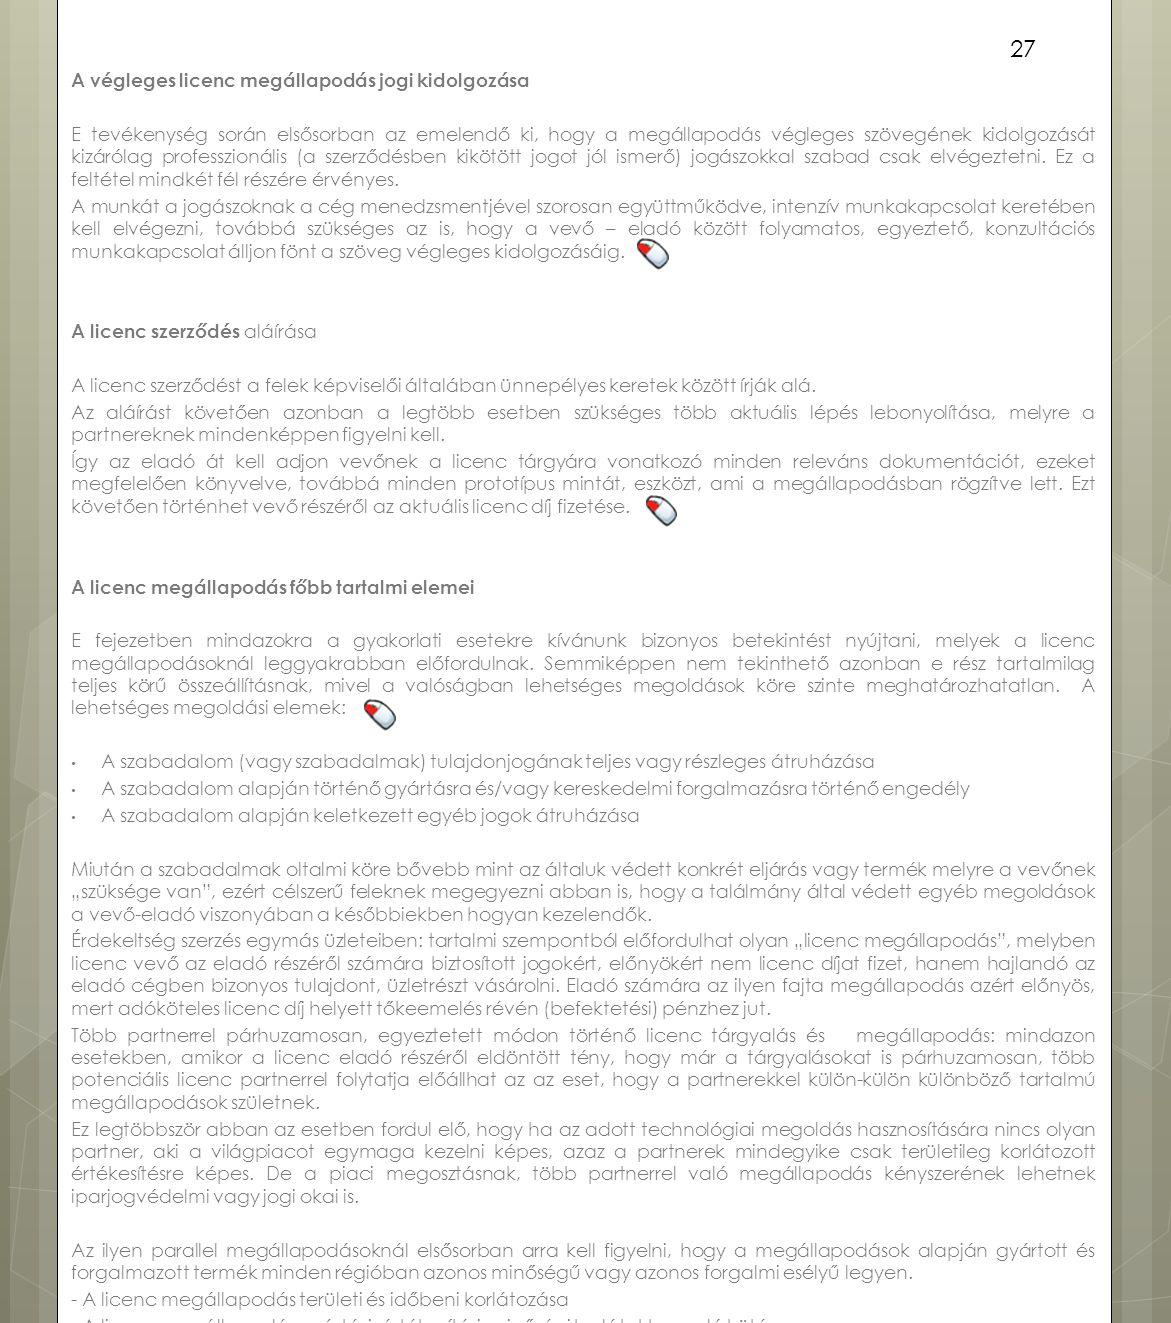 A végleges licenc megállapodás jogi kidolgozása